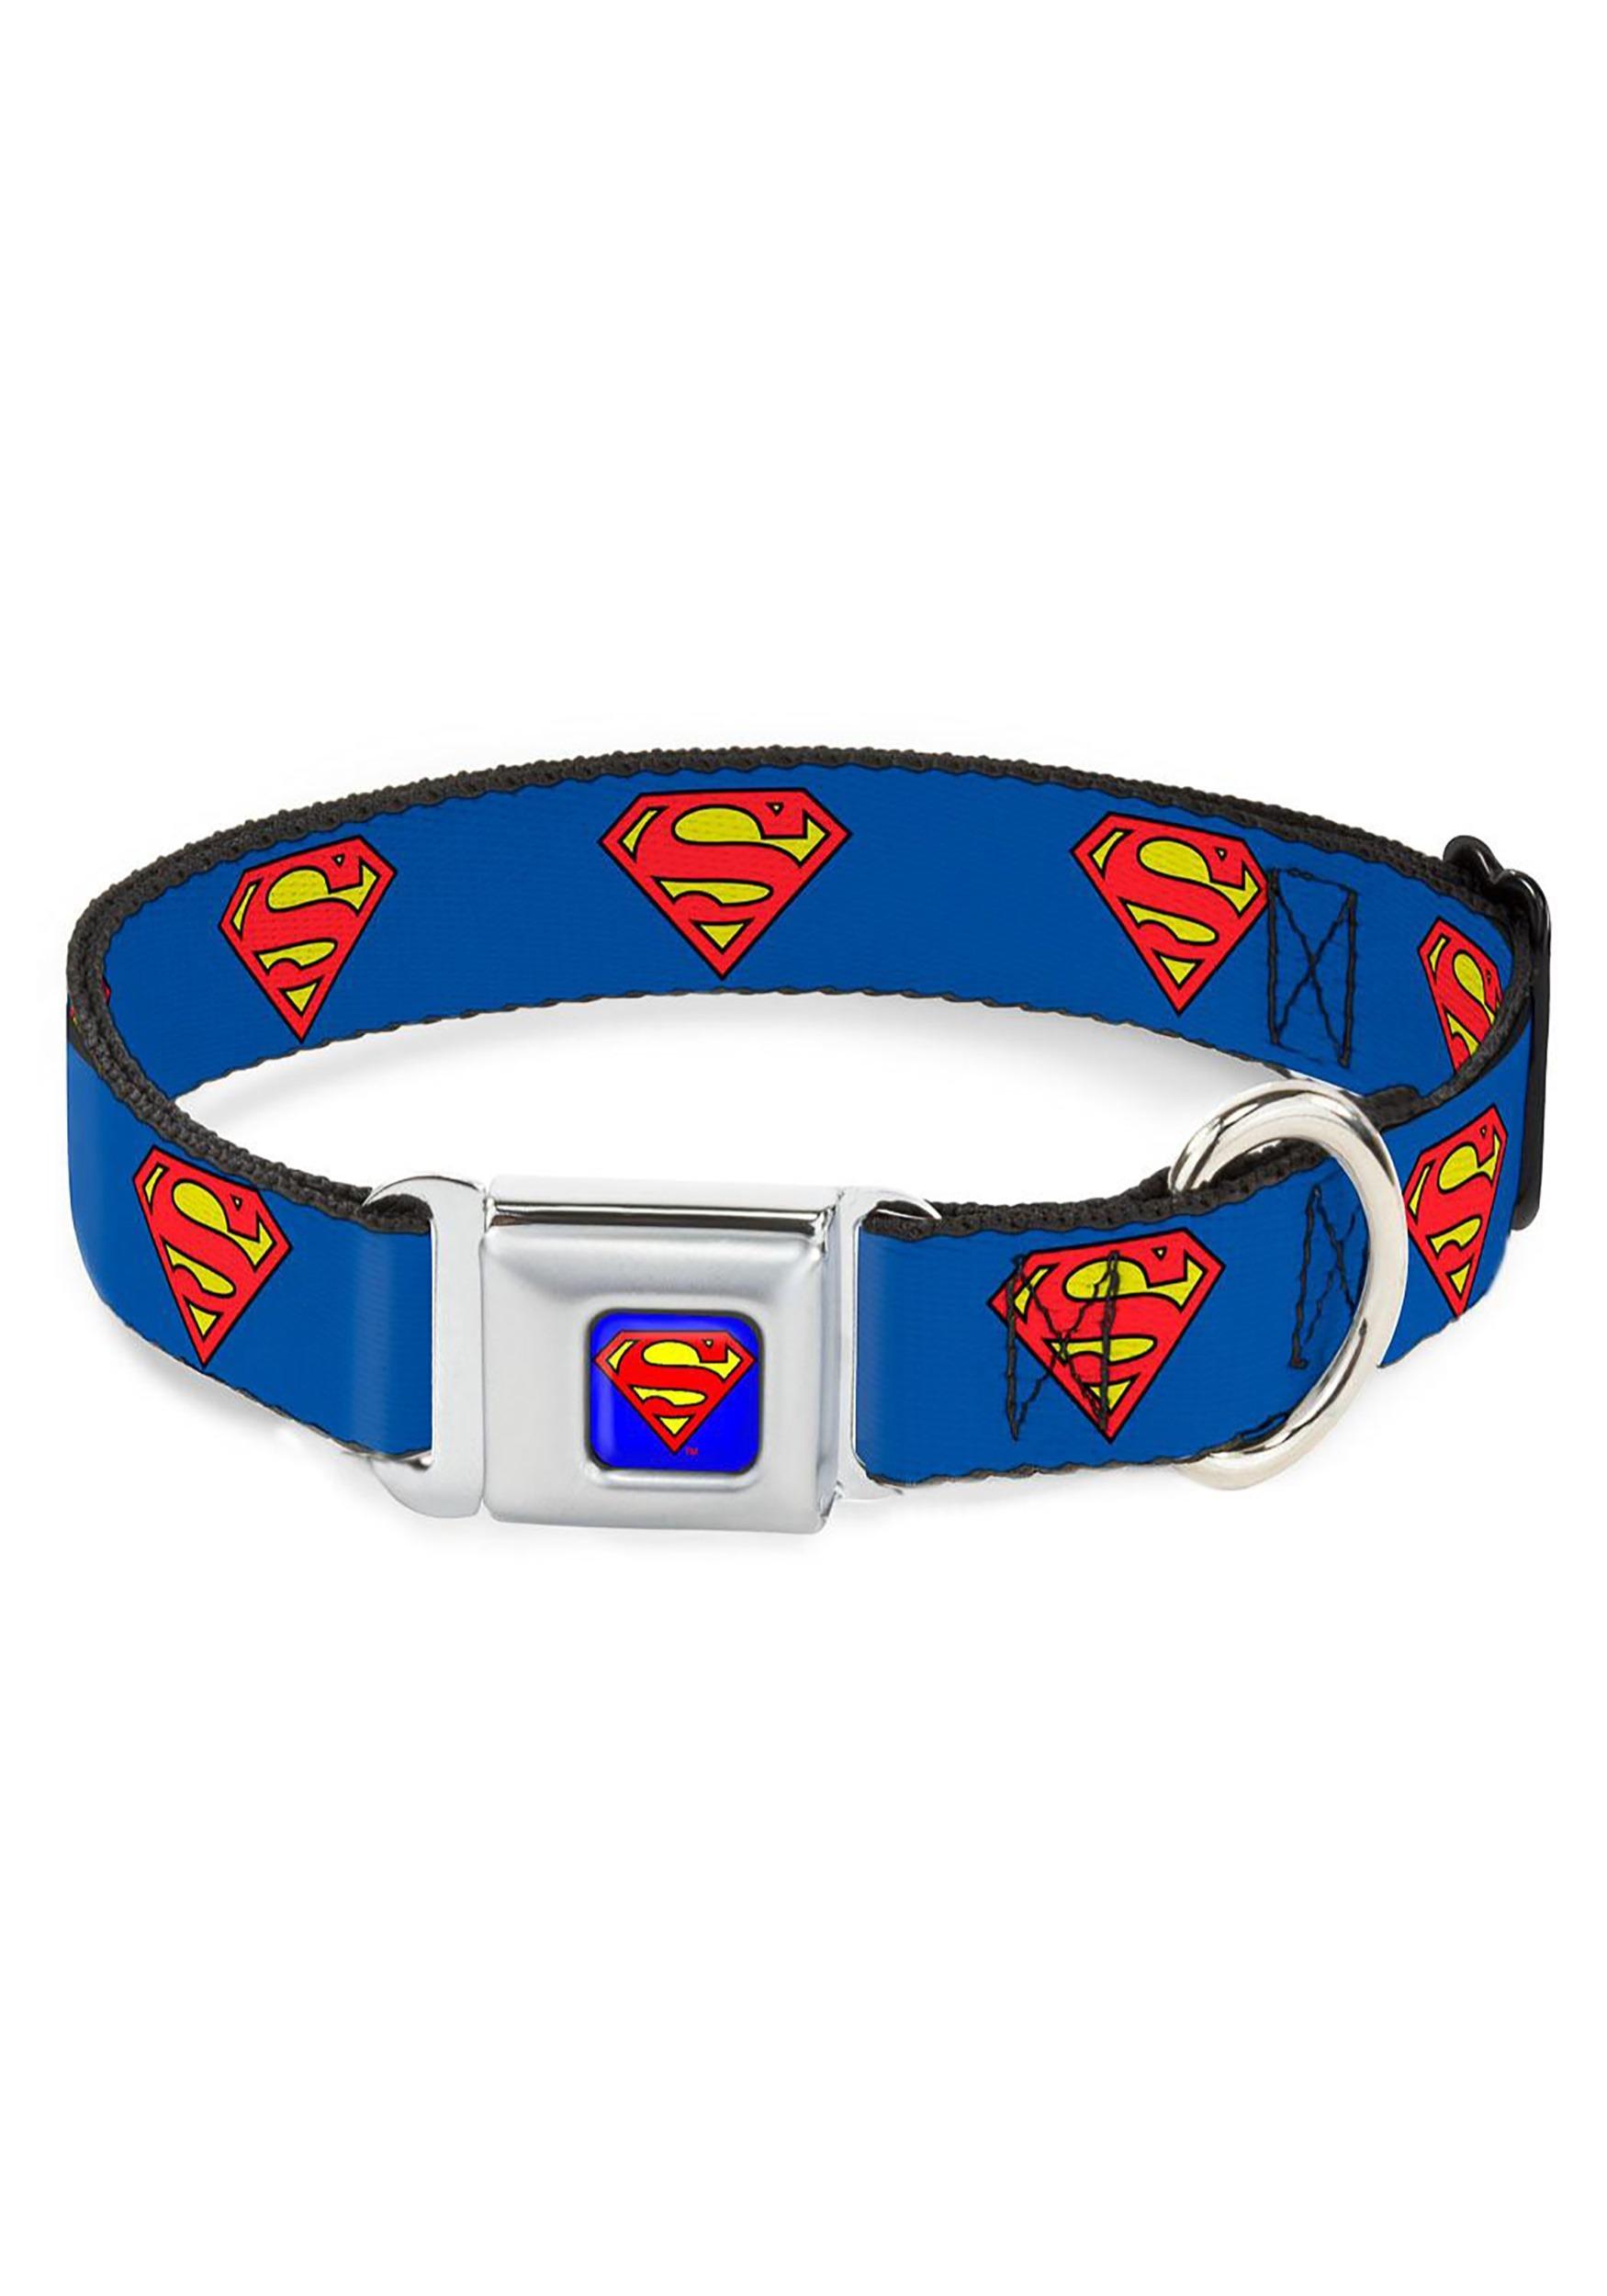 Superman_Shield_Logo__Seatbelt_Buckle_Dog_Collar_1_Wide